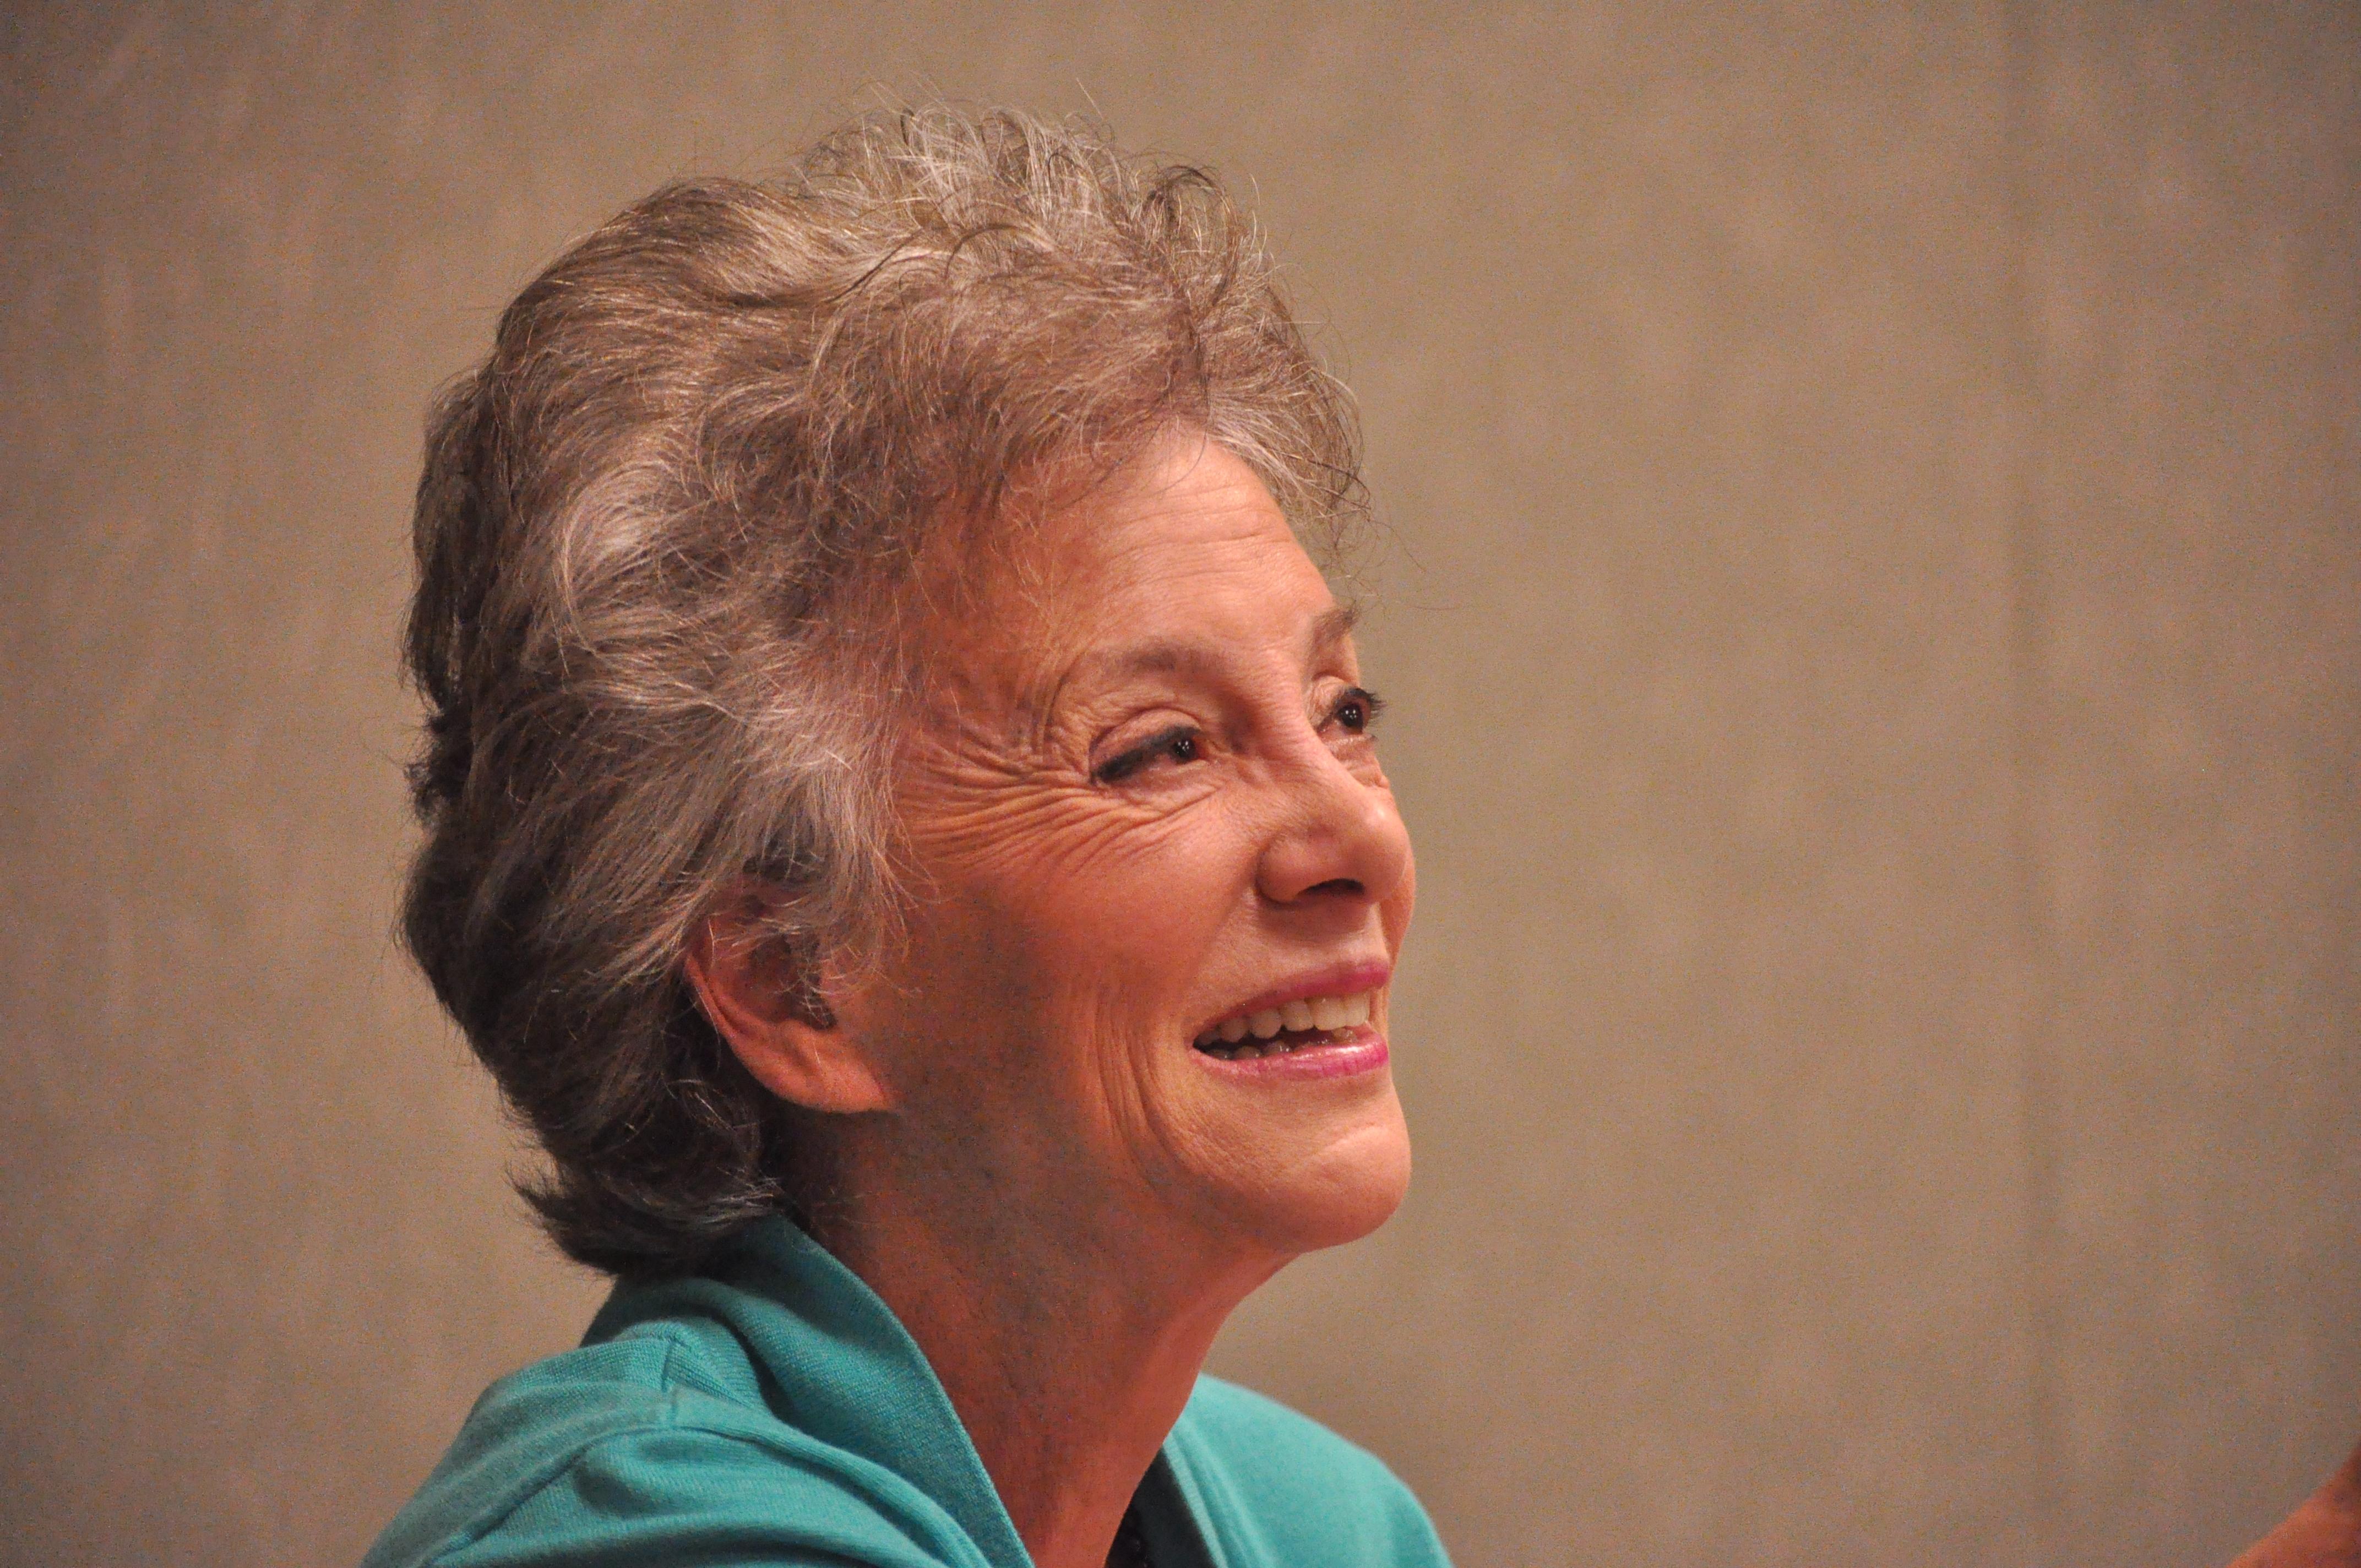 Stephanie Coontz, speaking at the University of Washington (2012).